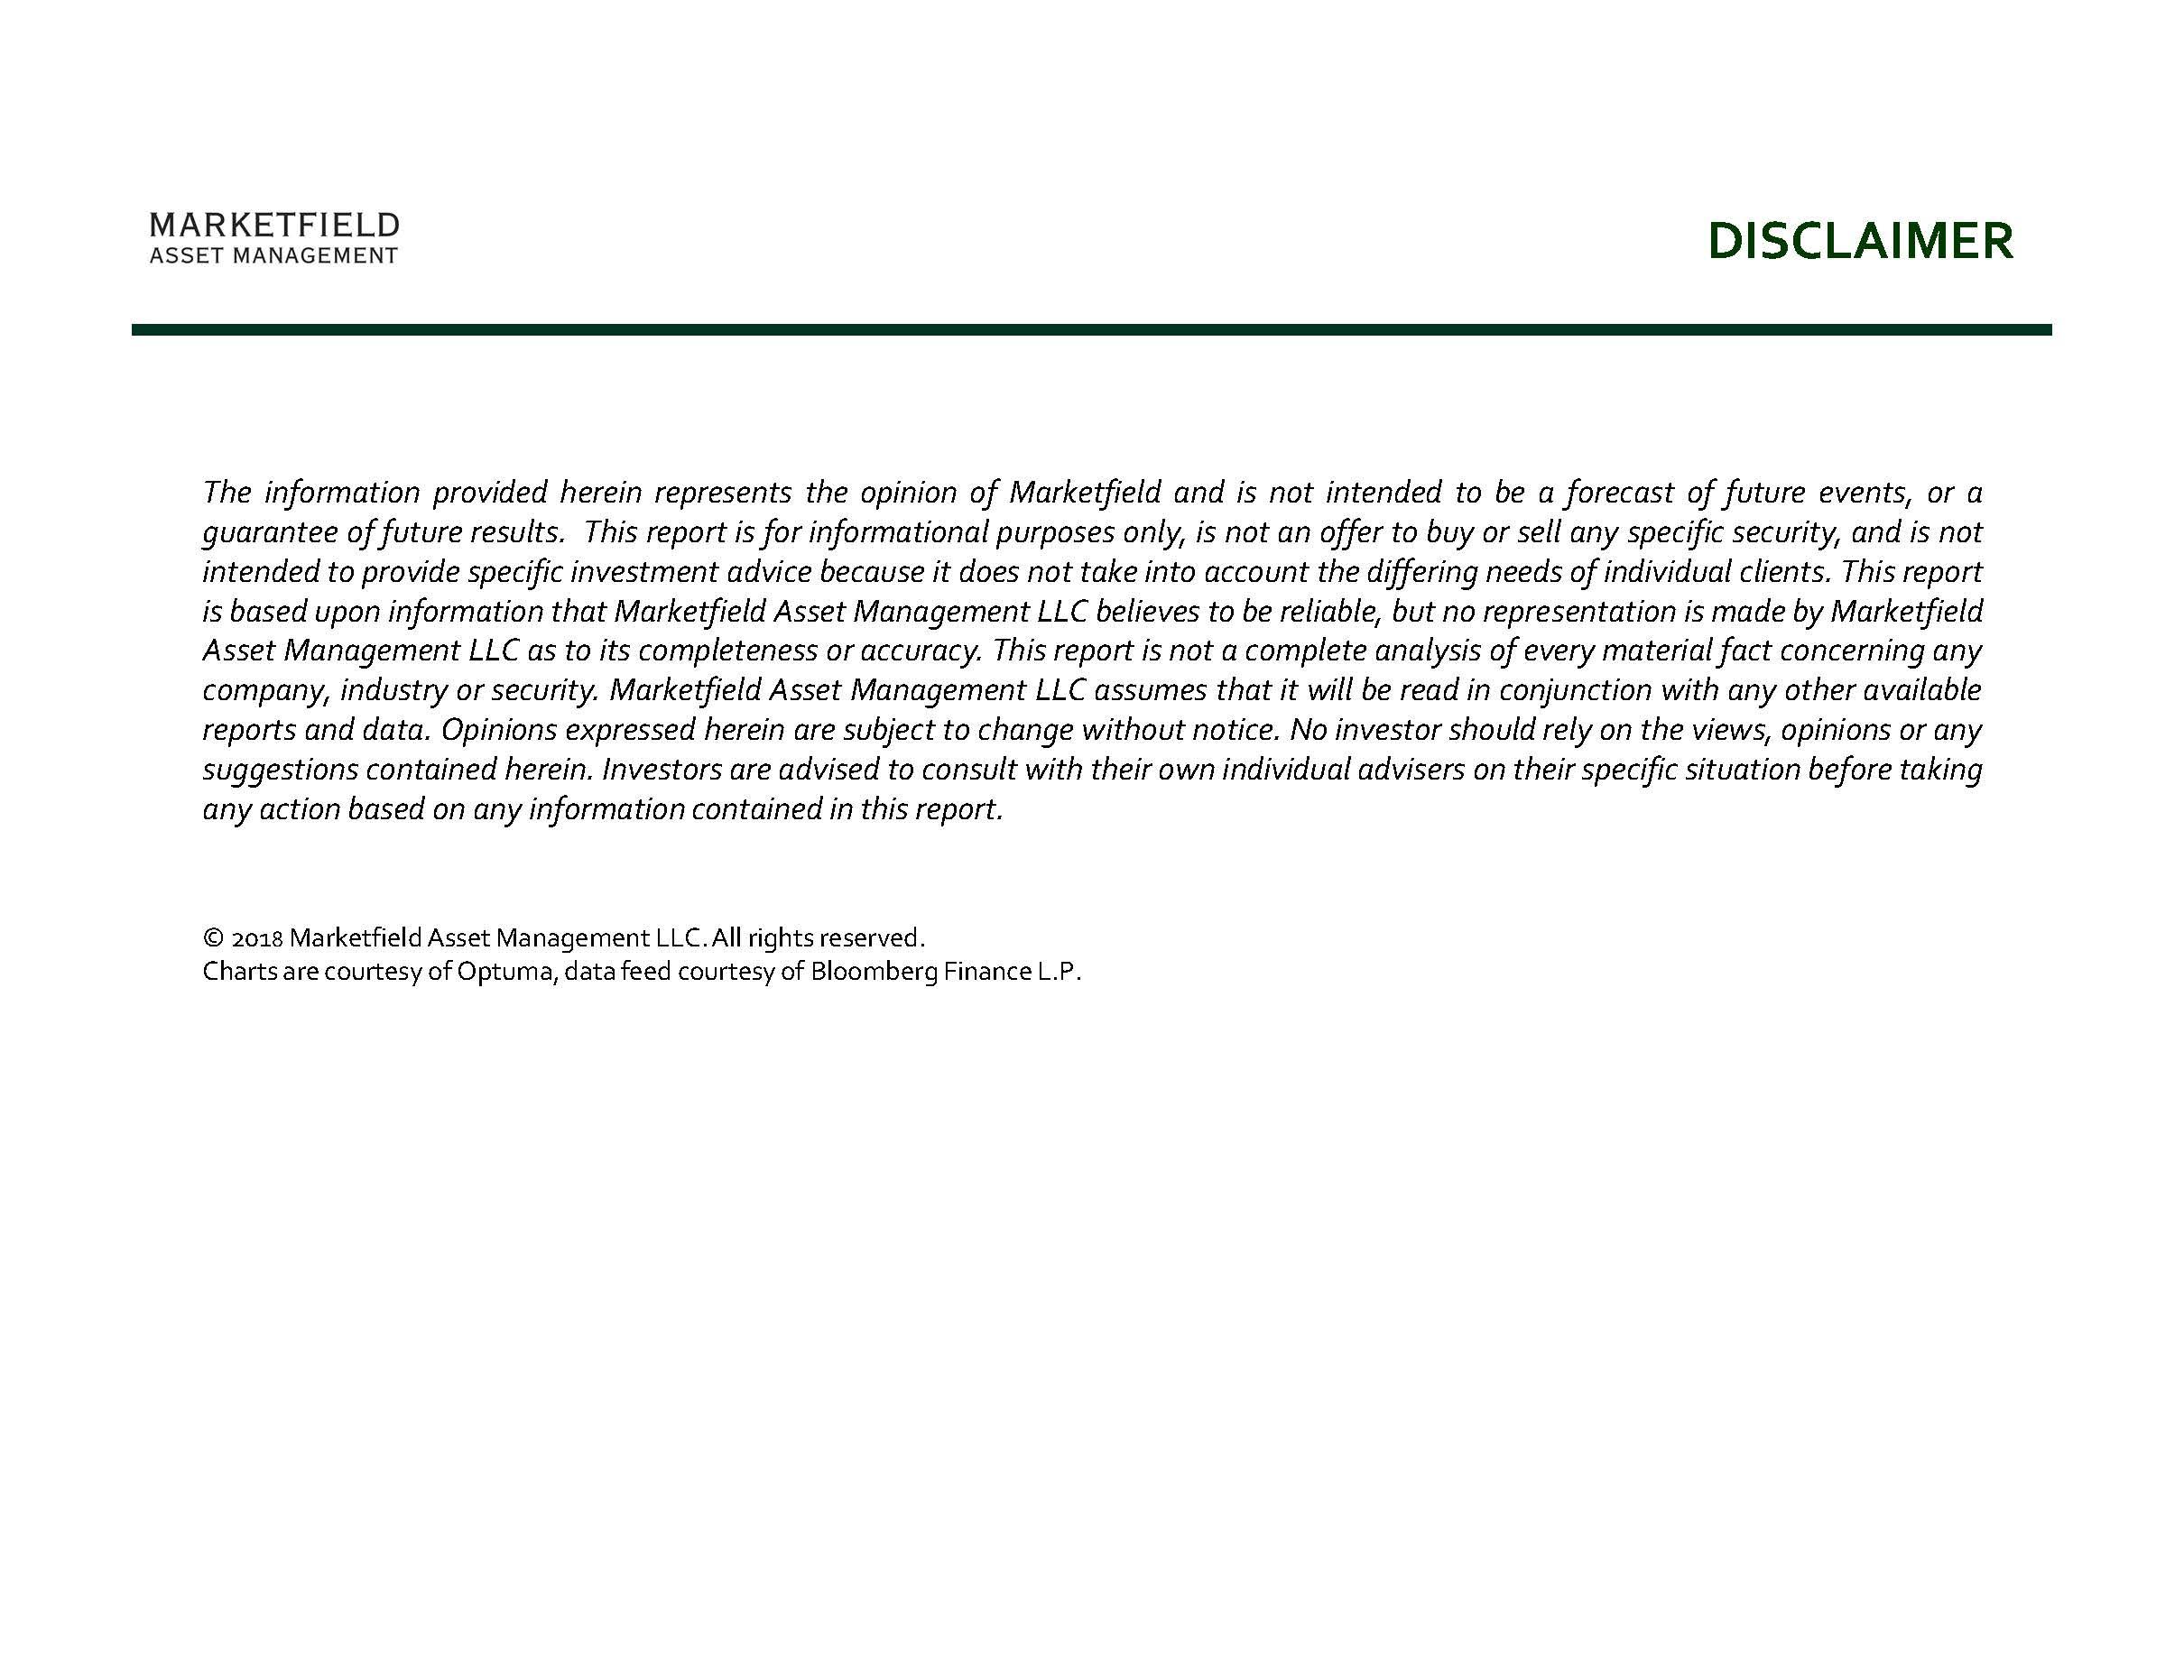 12-13-18_WeeklySpeculator_Page_13.jpg